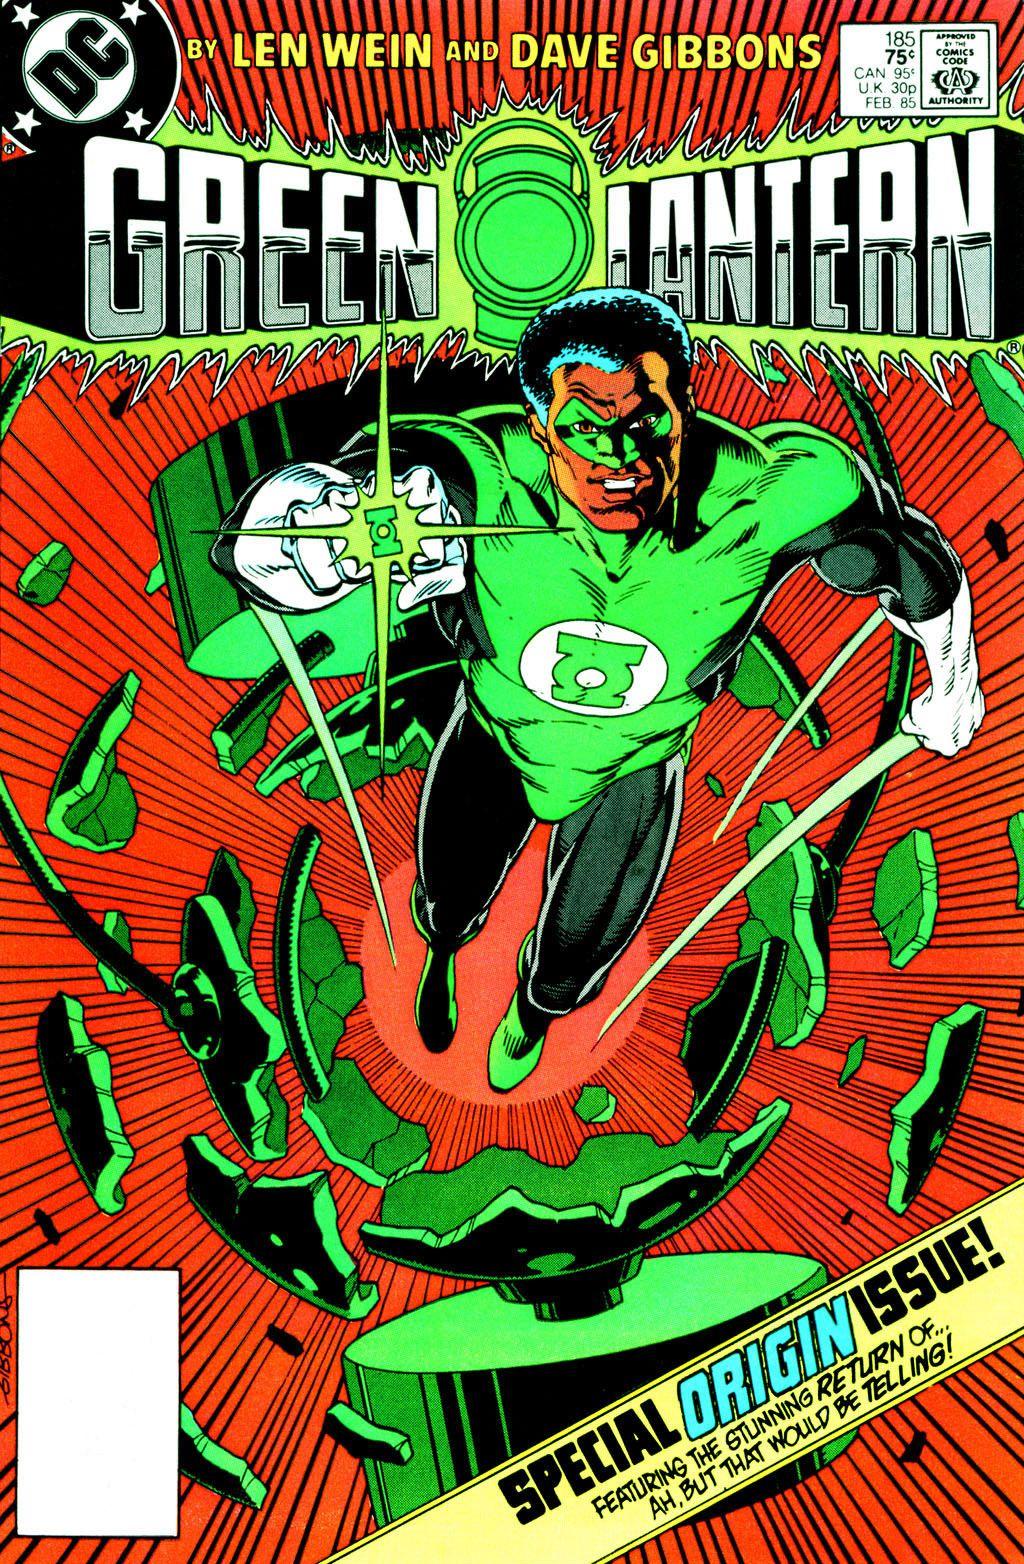 Green Lantern #185, February 1985 - Dave Gibbons | Linterna verde ...